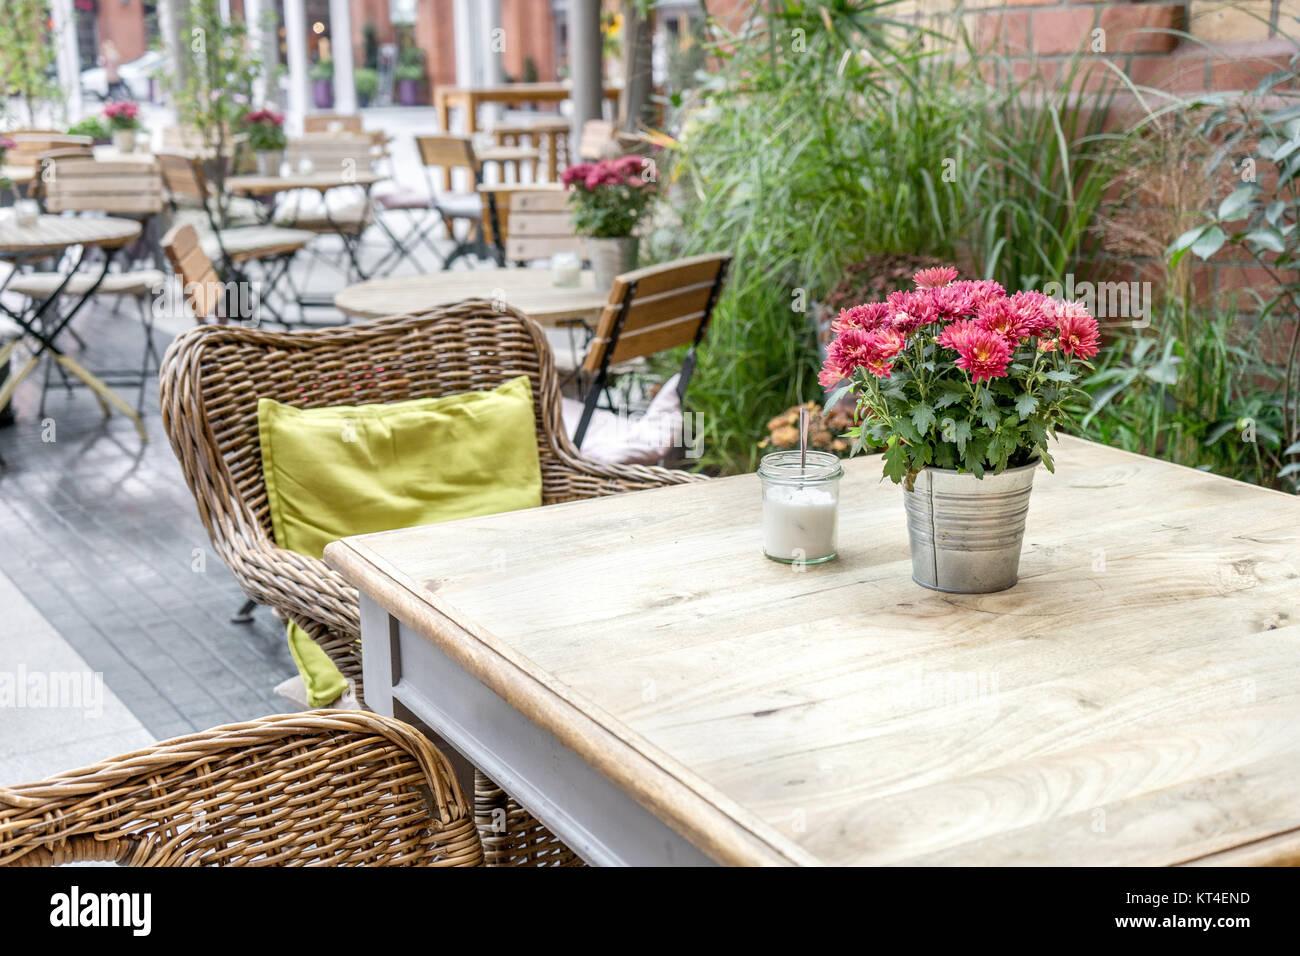 Terraza Con Mesas Sillas Plantas Y Decoración Foto